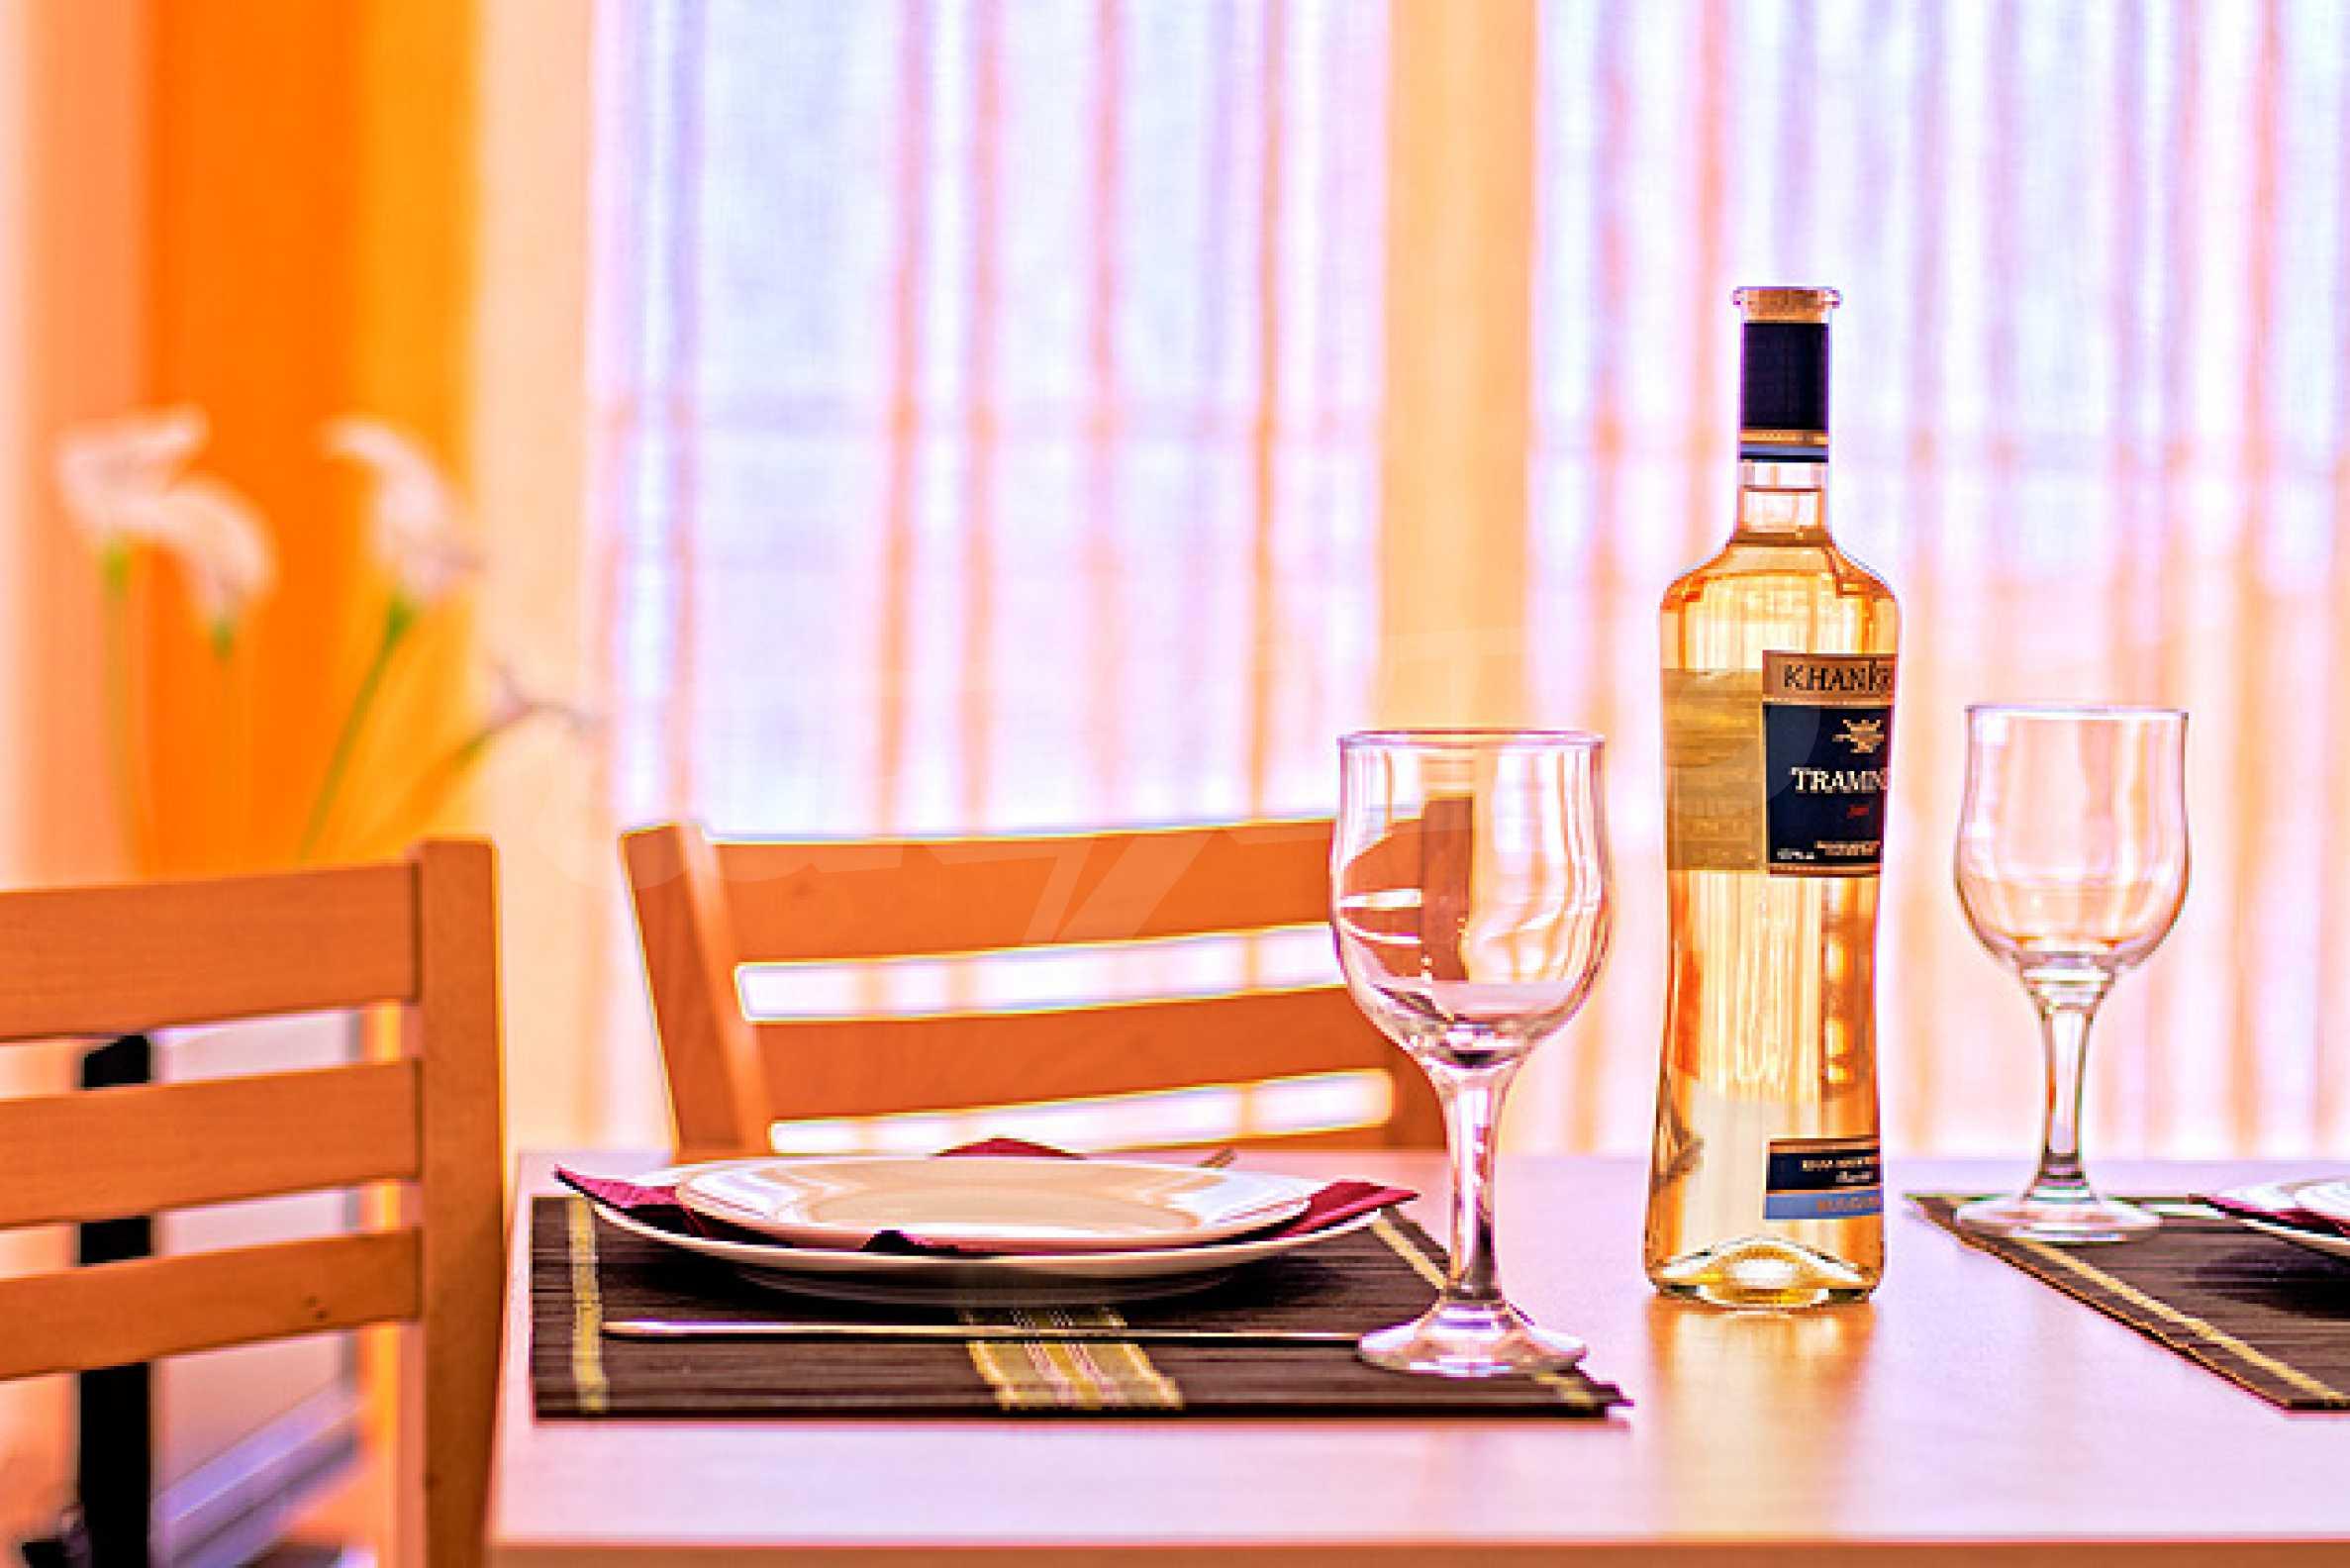 Sunset Kosharitsa - Apartments in einem attraktiven Berg- und Seekomplex, 5 Autominuten vom Sonnenstrand entfernt 21